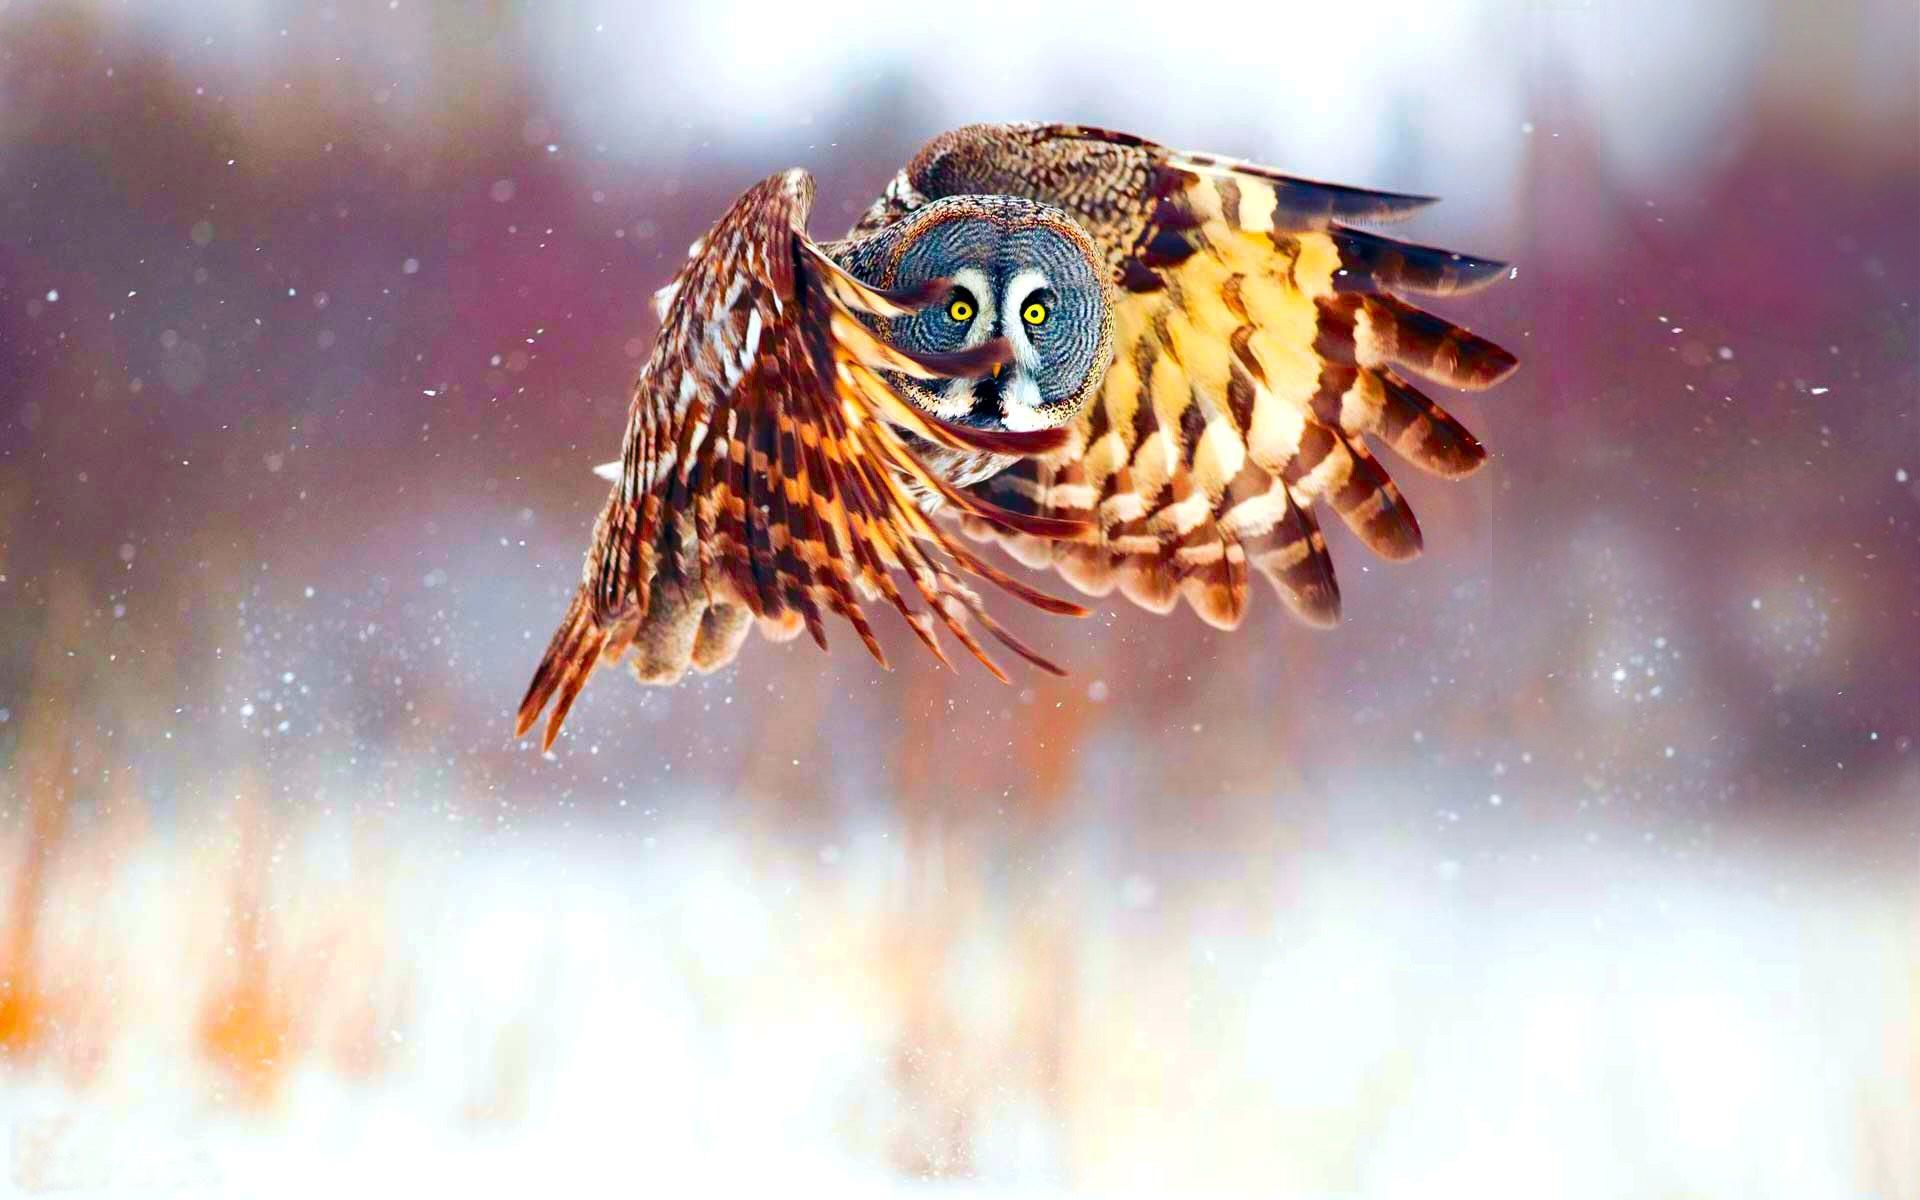 High Resolution Owl Wallpaper